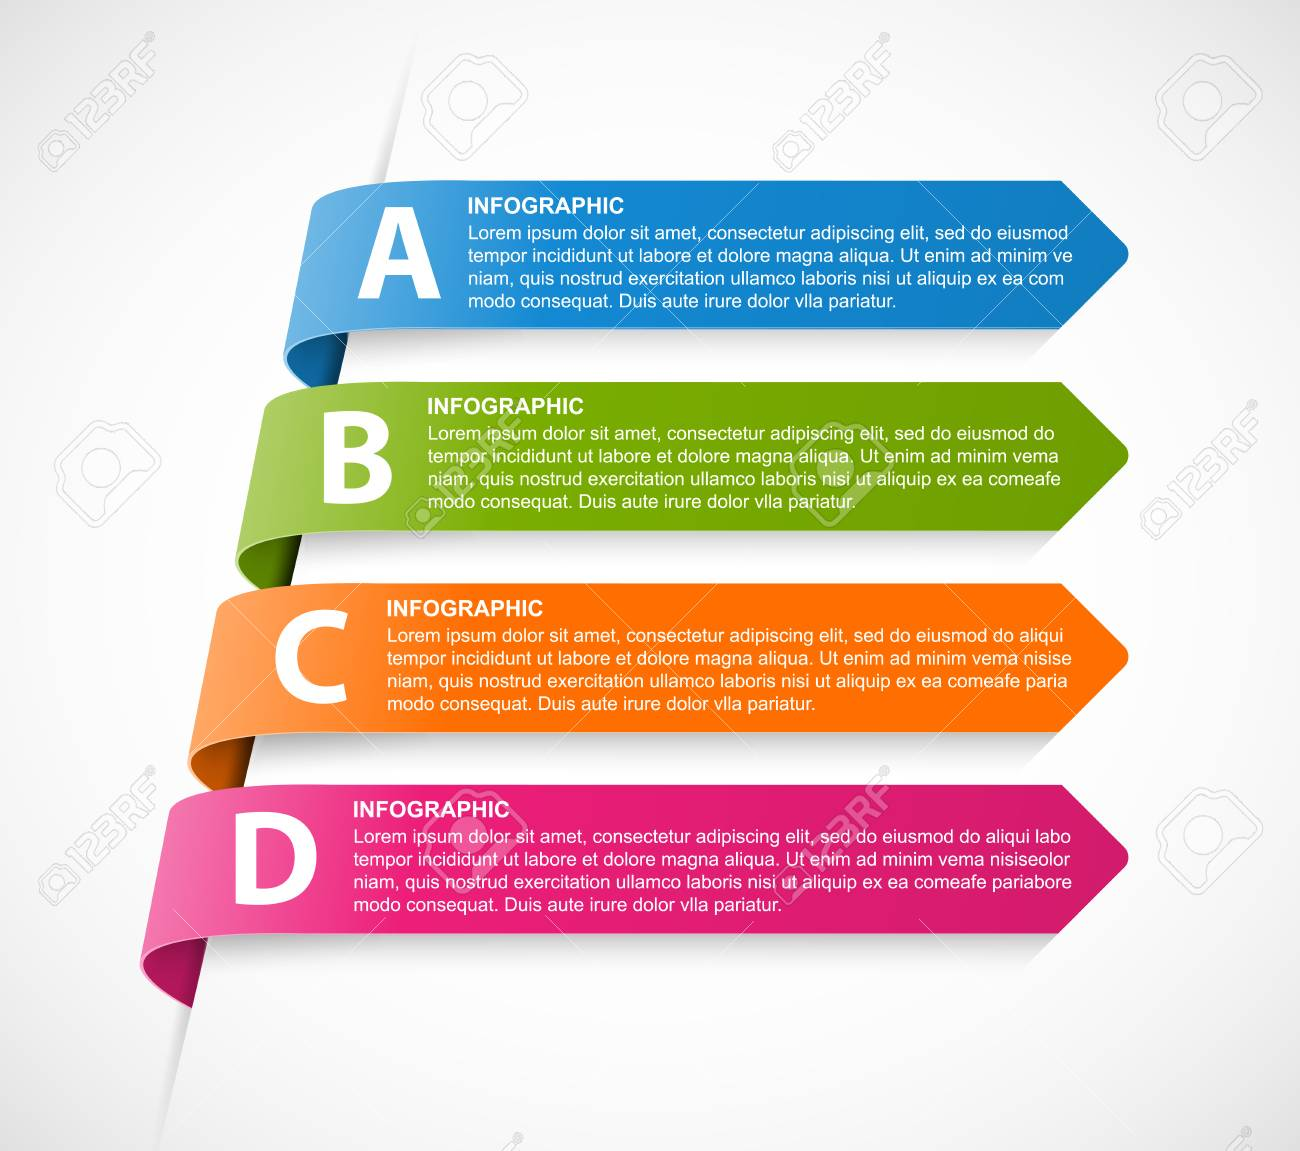 81d087e76084b Foto de archivo - Infografía plantilla para presentaciones de negocios o  titular de información. cintas de colores multicolores.